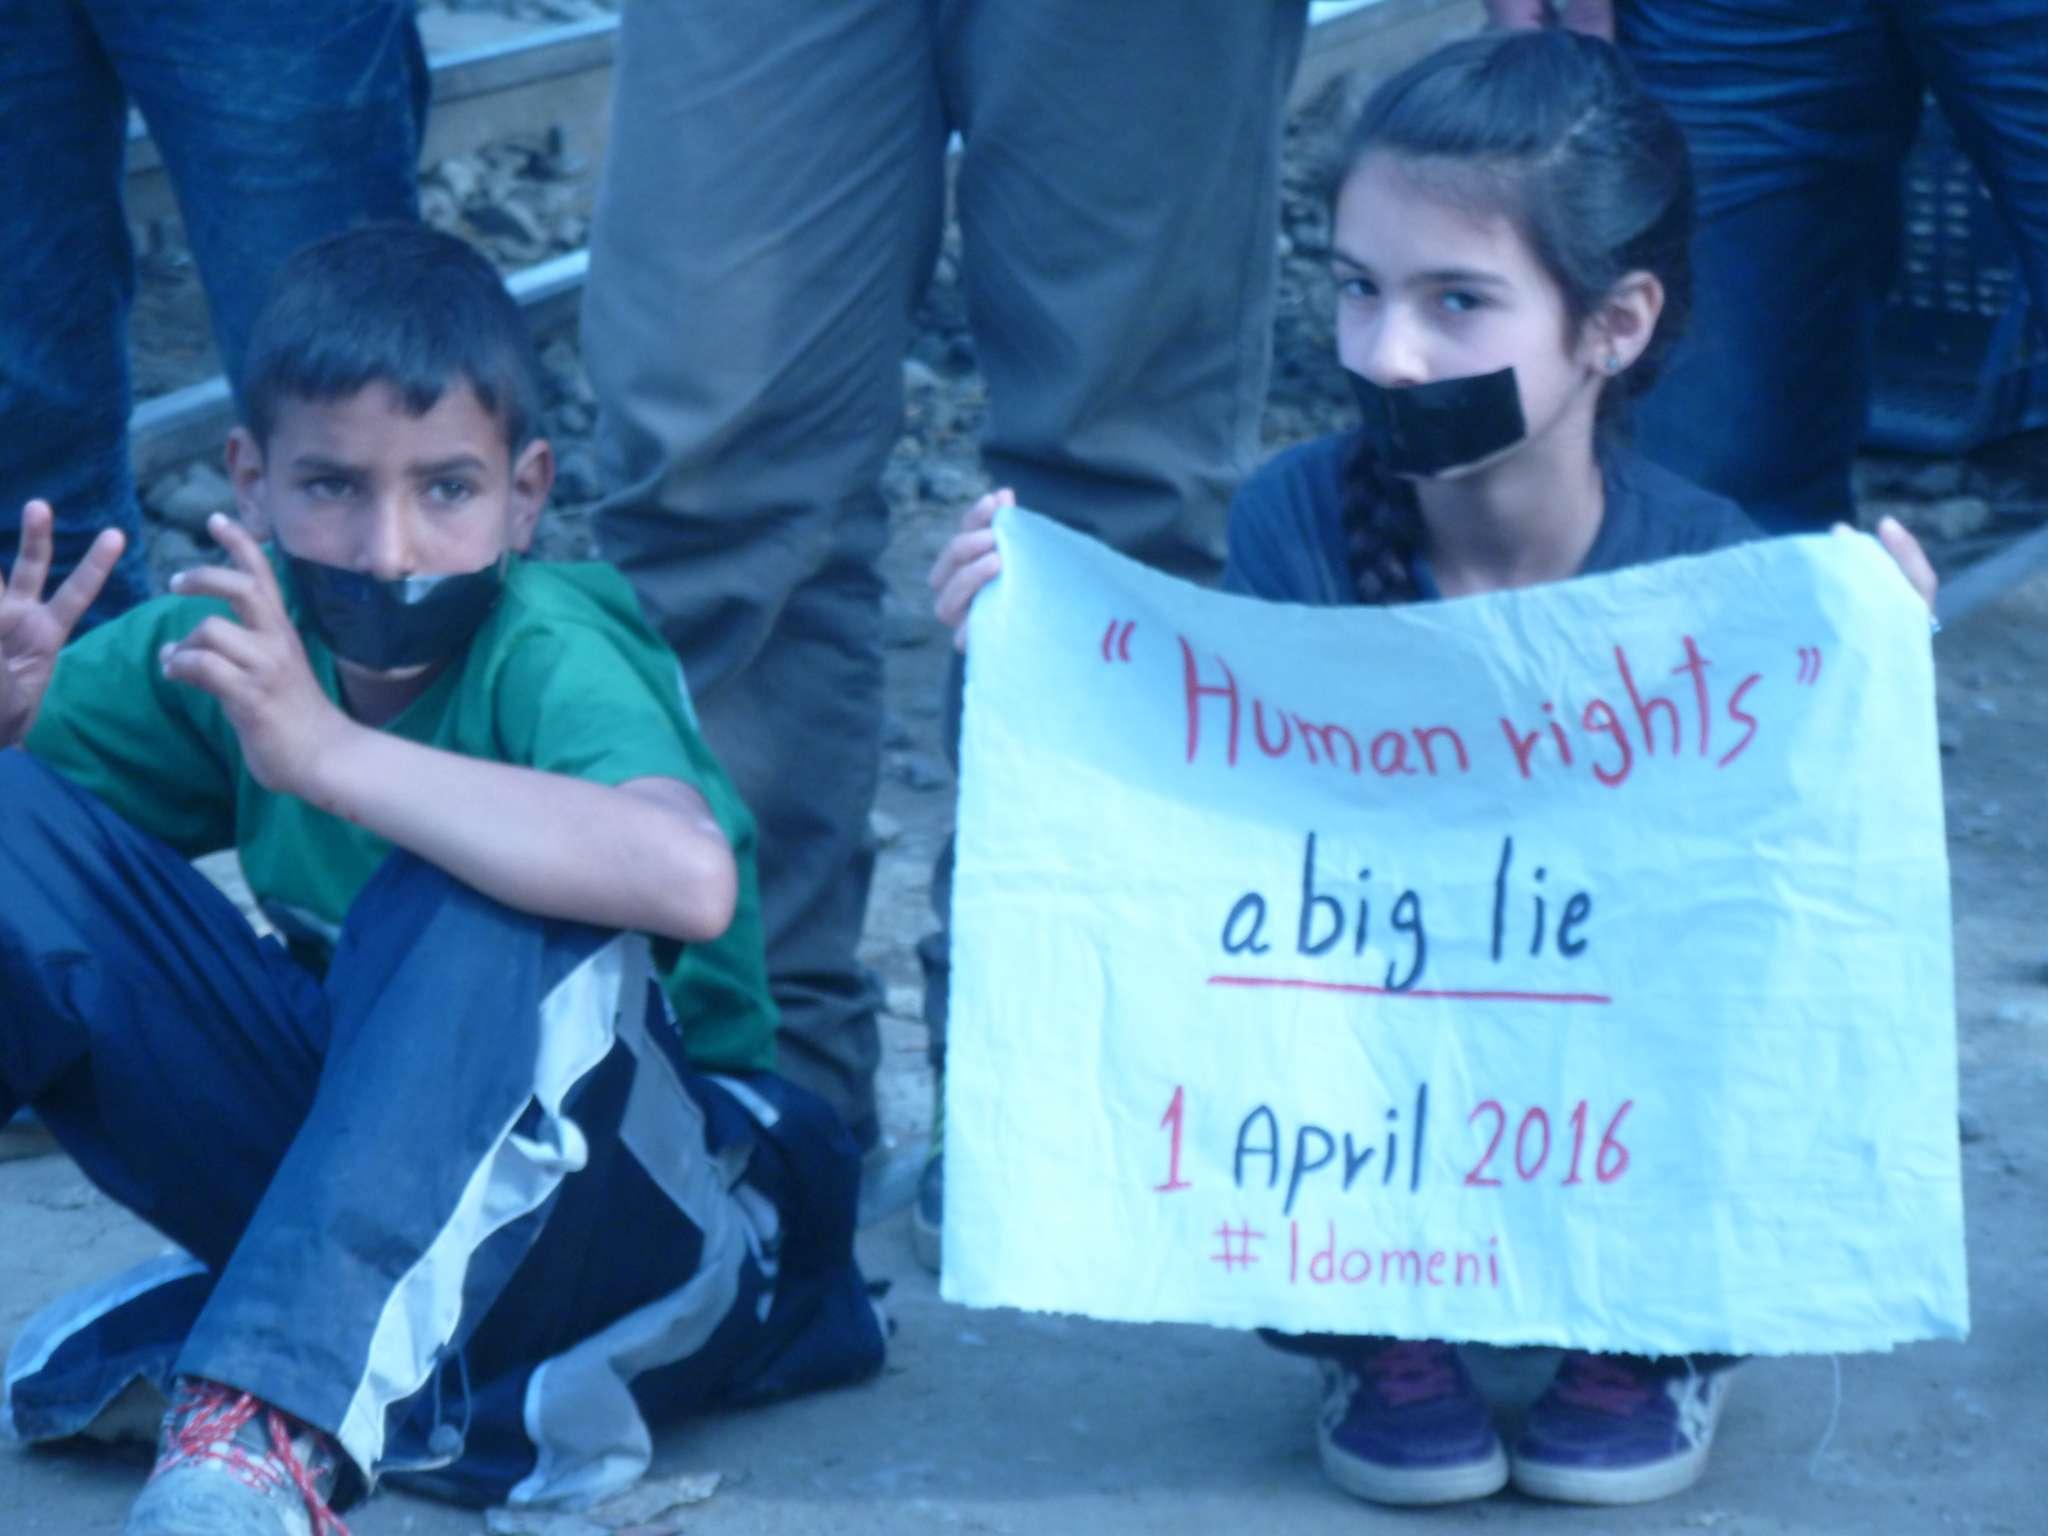 refugiados-denuncia-social-p1040234